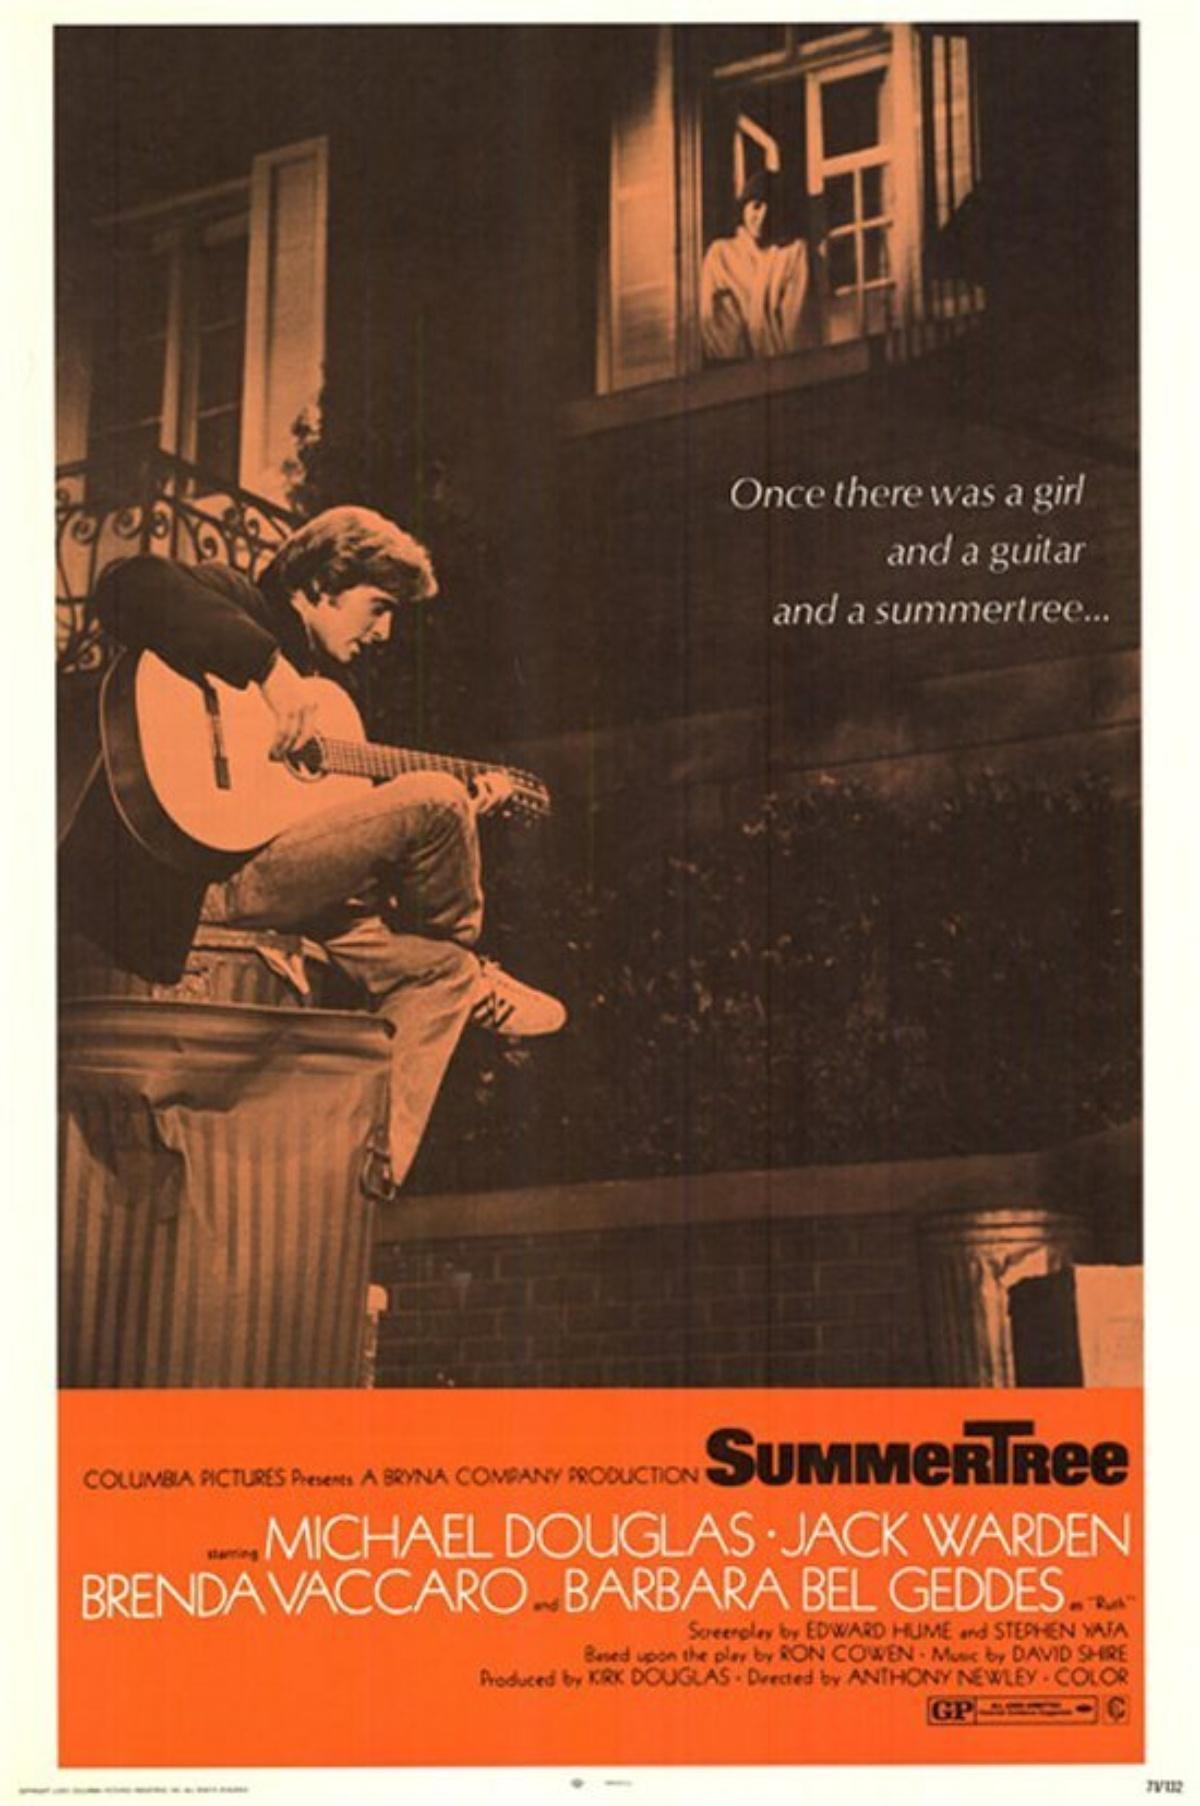 affiche du film Summertree